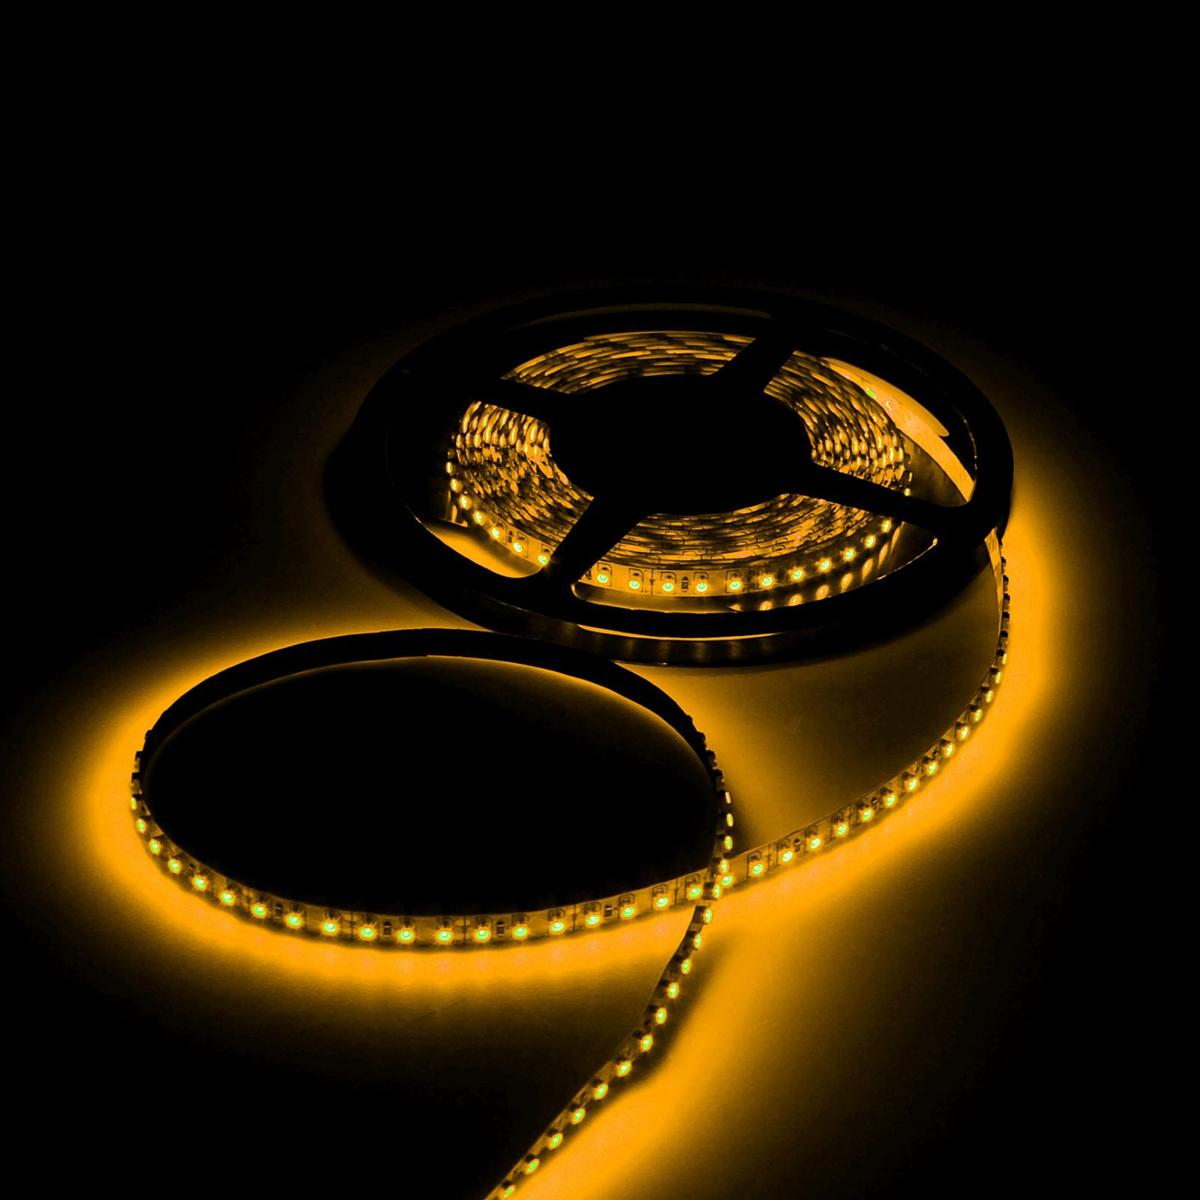 Светодиодная лента Luazon, 12В, SMD3528, длина 5 м, IP68, 60 LED ламп, 4.8 Вт/м, 6-7 Лм/1 LED, DC, цвет: желтый. 883887 светодиодная лента luazon 12в smd3528 длина 5 м ip68 60 led ламп 4 8 вт м 6 7 лм 1 led dc цвет фиолетовый